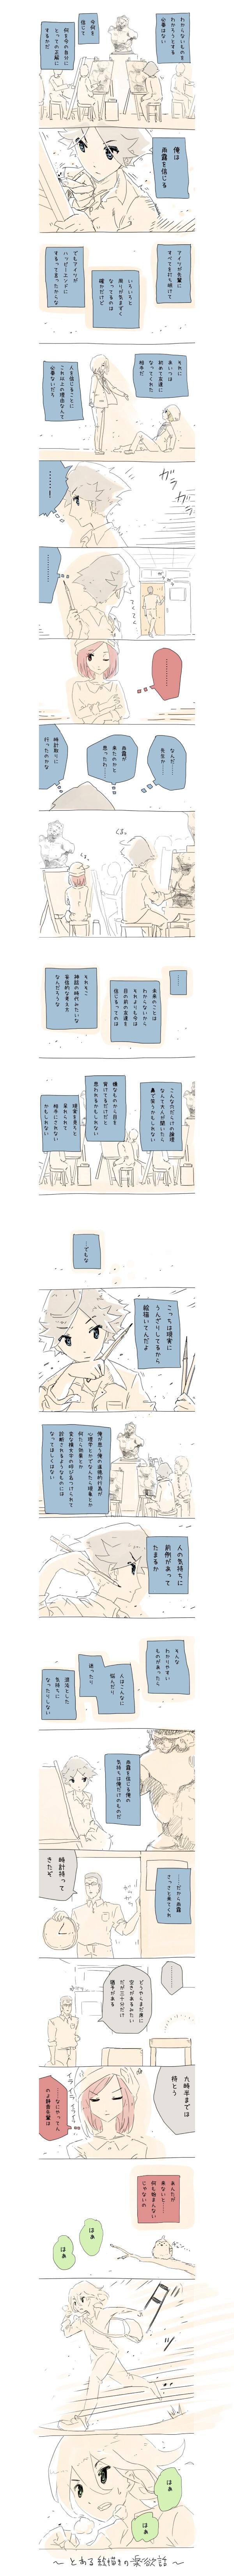 b17_05.jpg